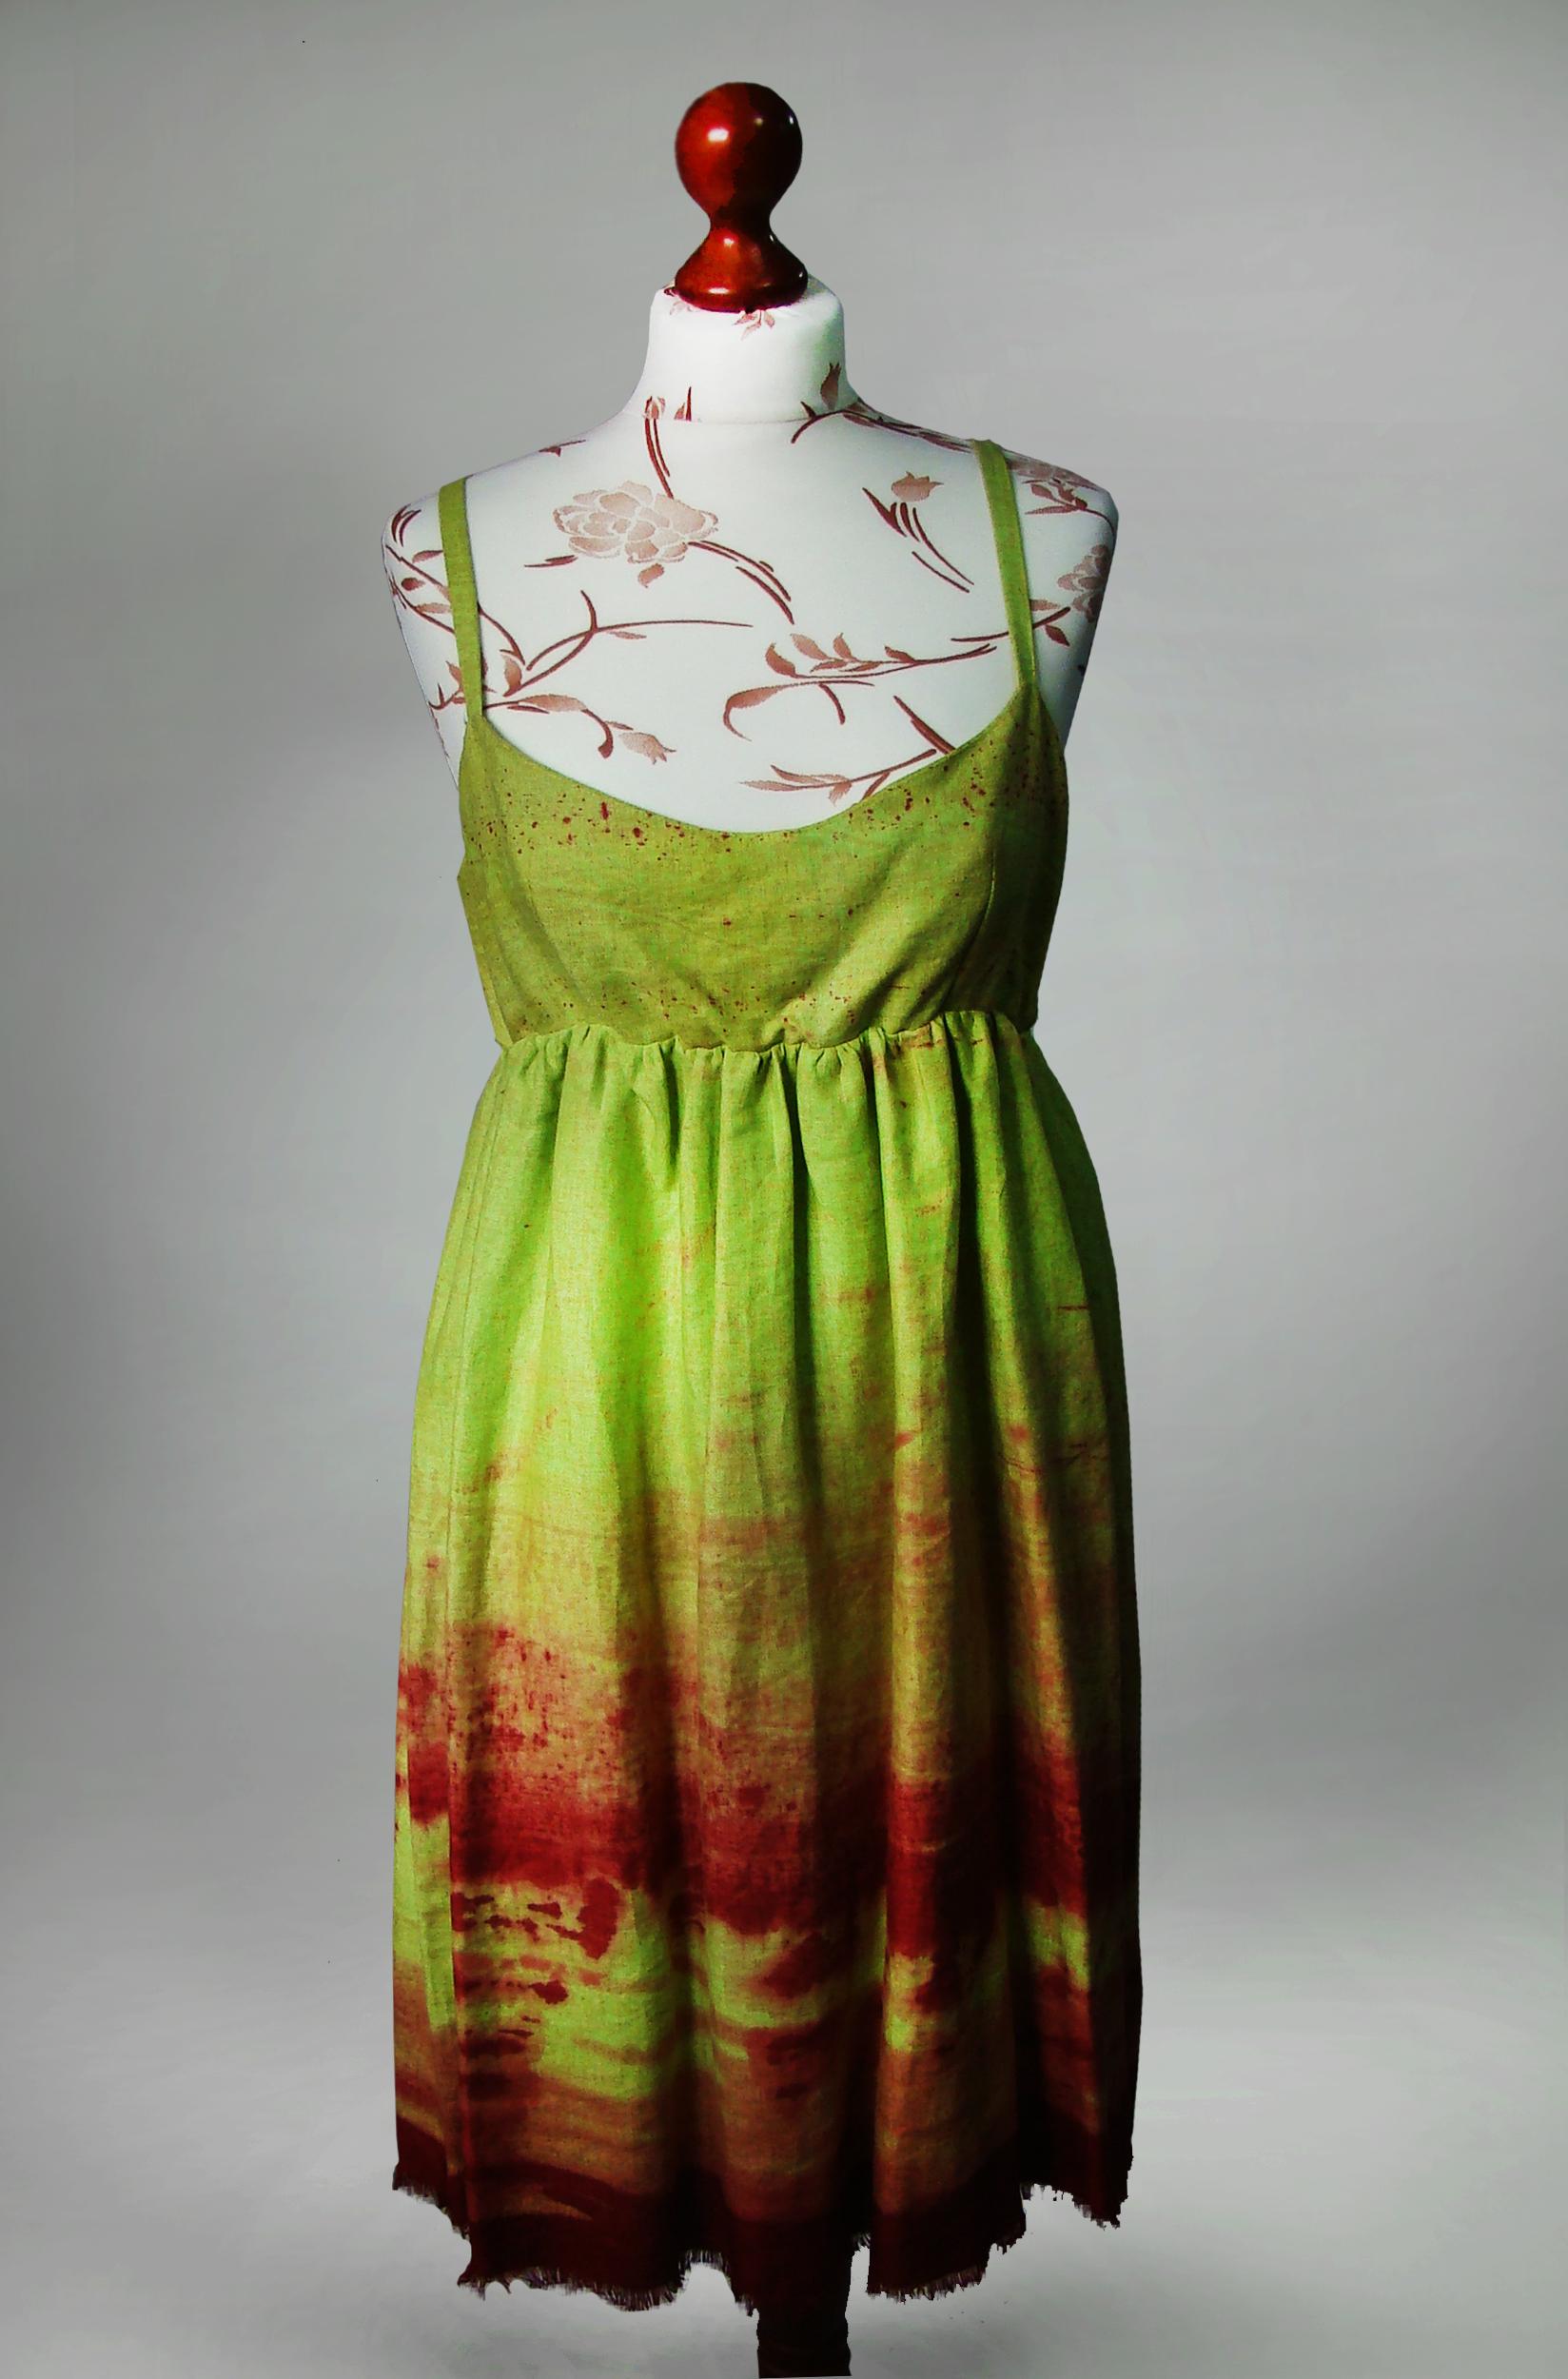 Sukienka żółto-seledynowa z czerwonym.-0